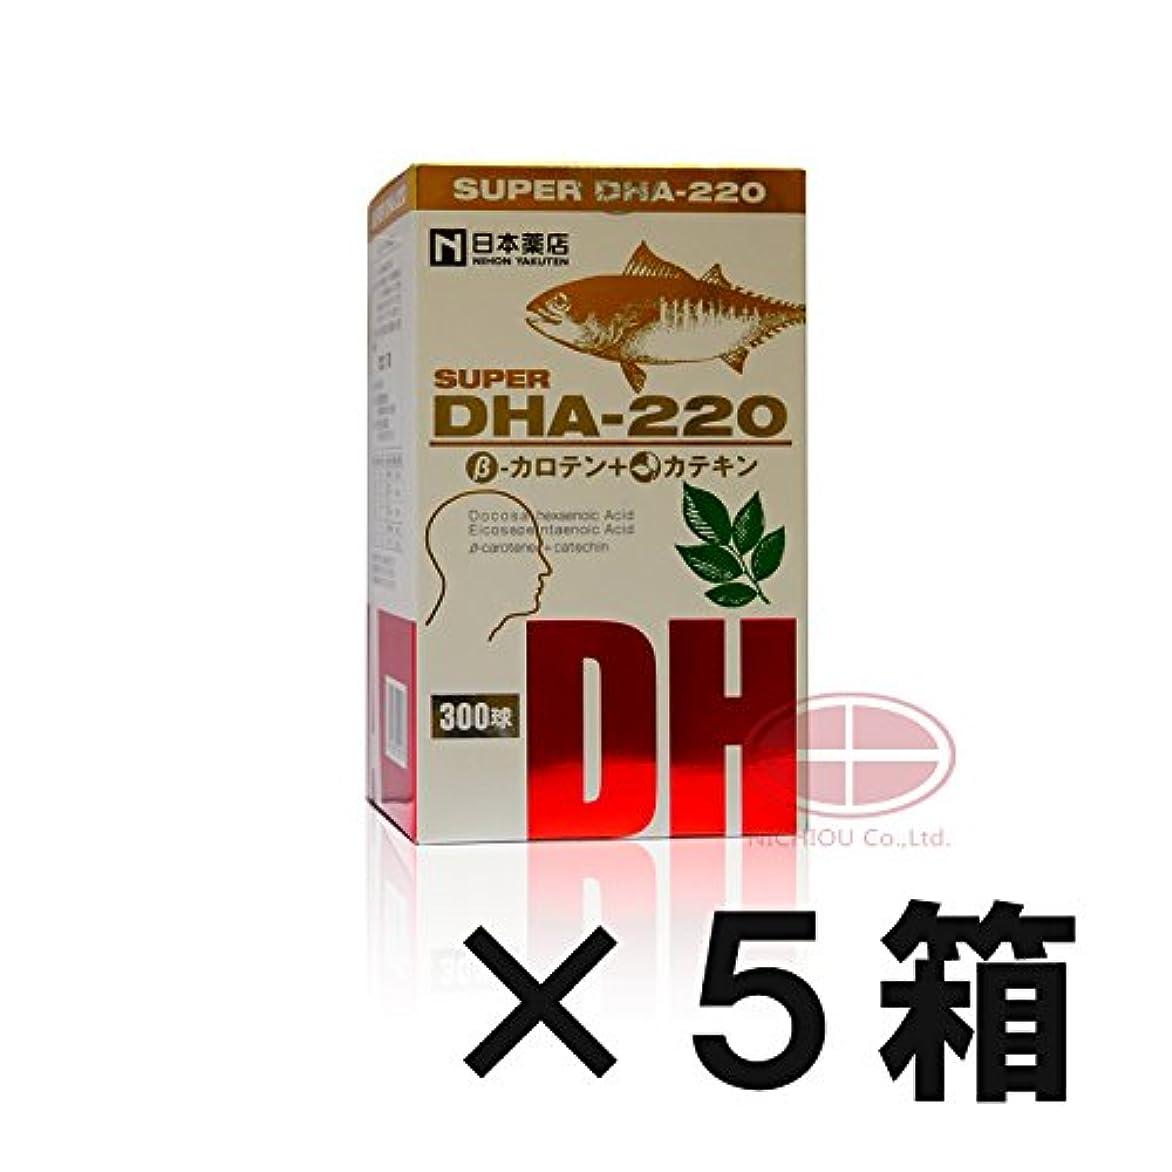 コース不十分ゆるい薬王製薬 スーパーDHA220 βカロテン+カテキン 300粒 (5)